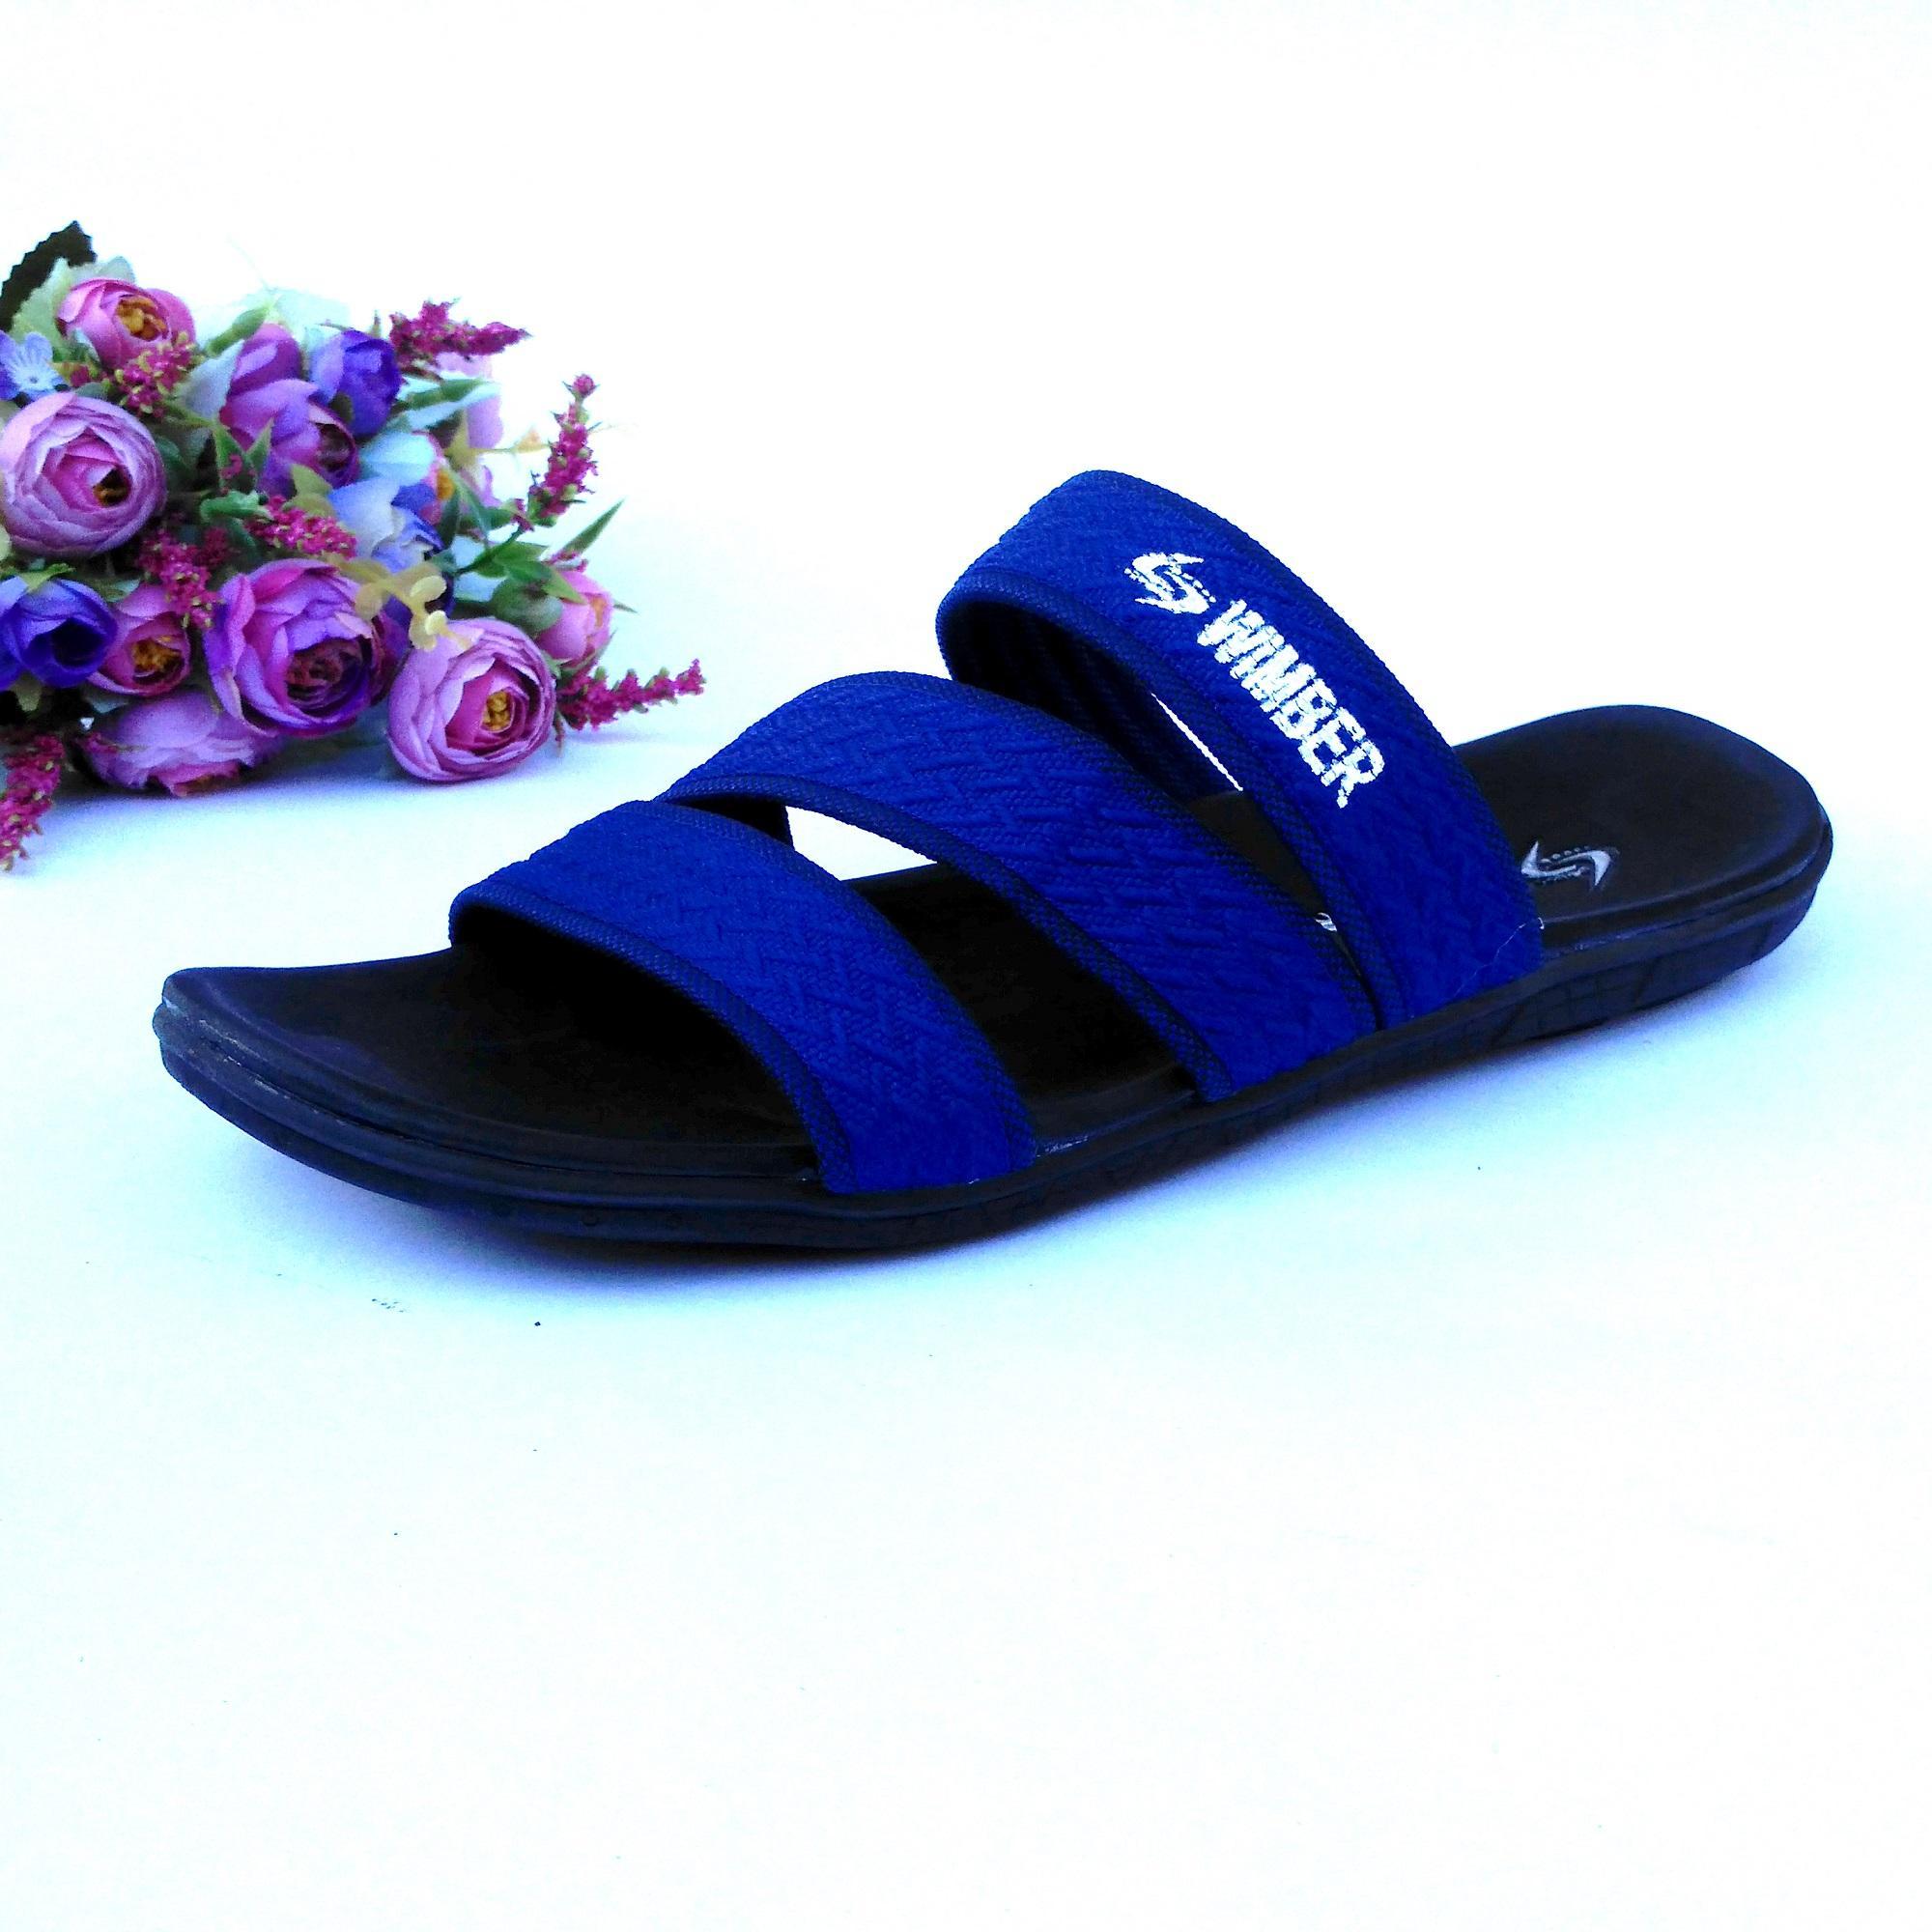 HQo Sandal Pria Terbaru / Sandal Gunung / Sepatu Sandal Pria Murah / Sandal Kulit Pria / Sandal Casual / Sandal Selop / Sandal Jepit / Fashion Pria / Sandal Pria Casual / Sandal Pria Kasual / Sendal Pria / Sandal Pria Murah / LVDR M02